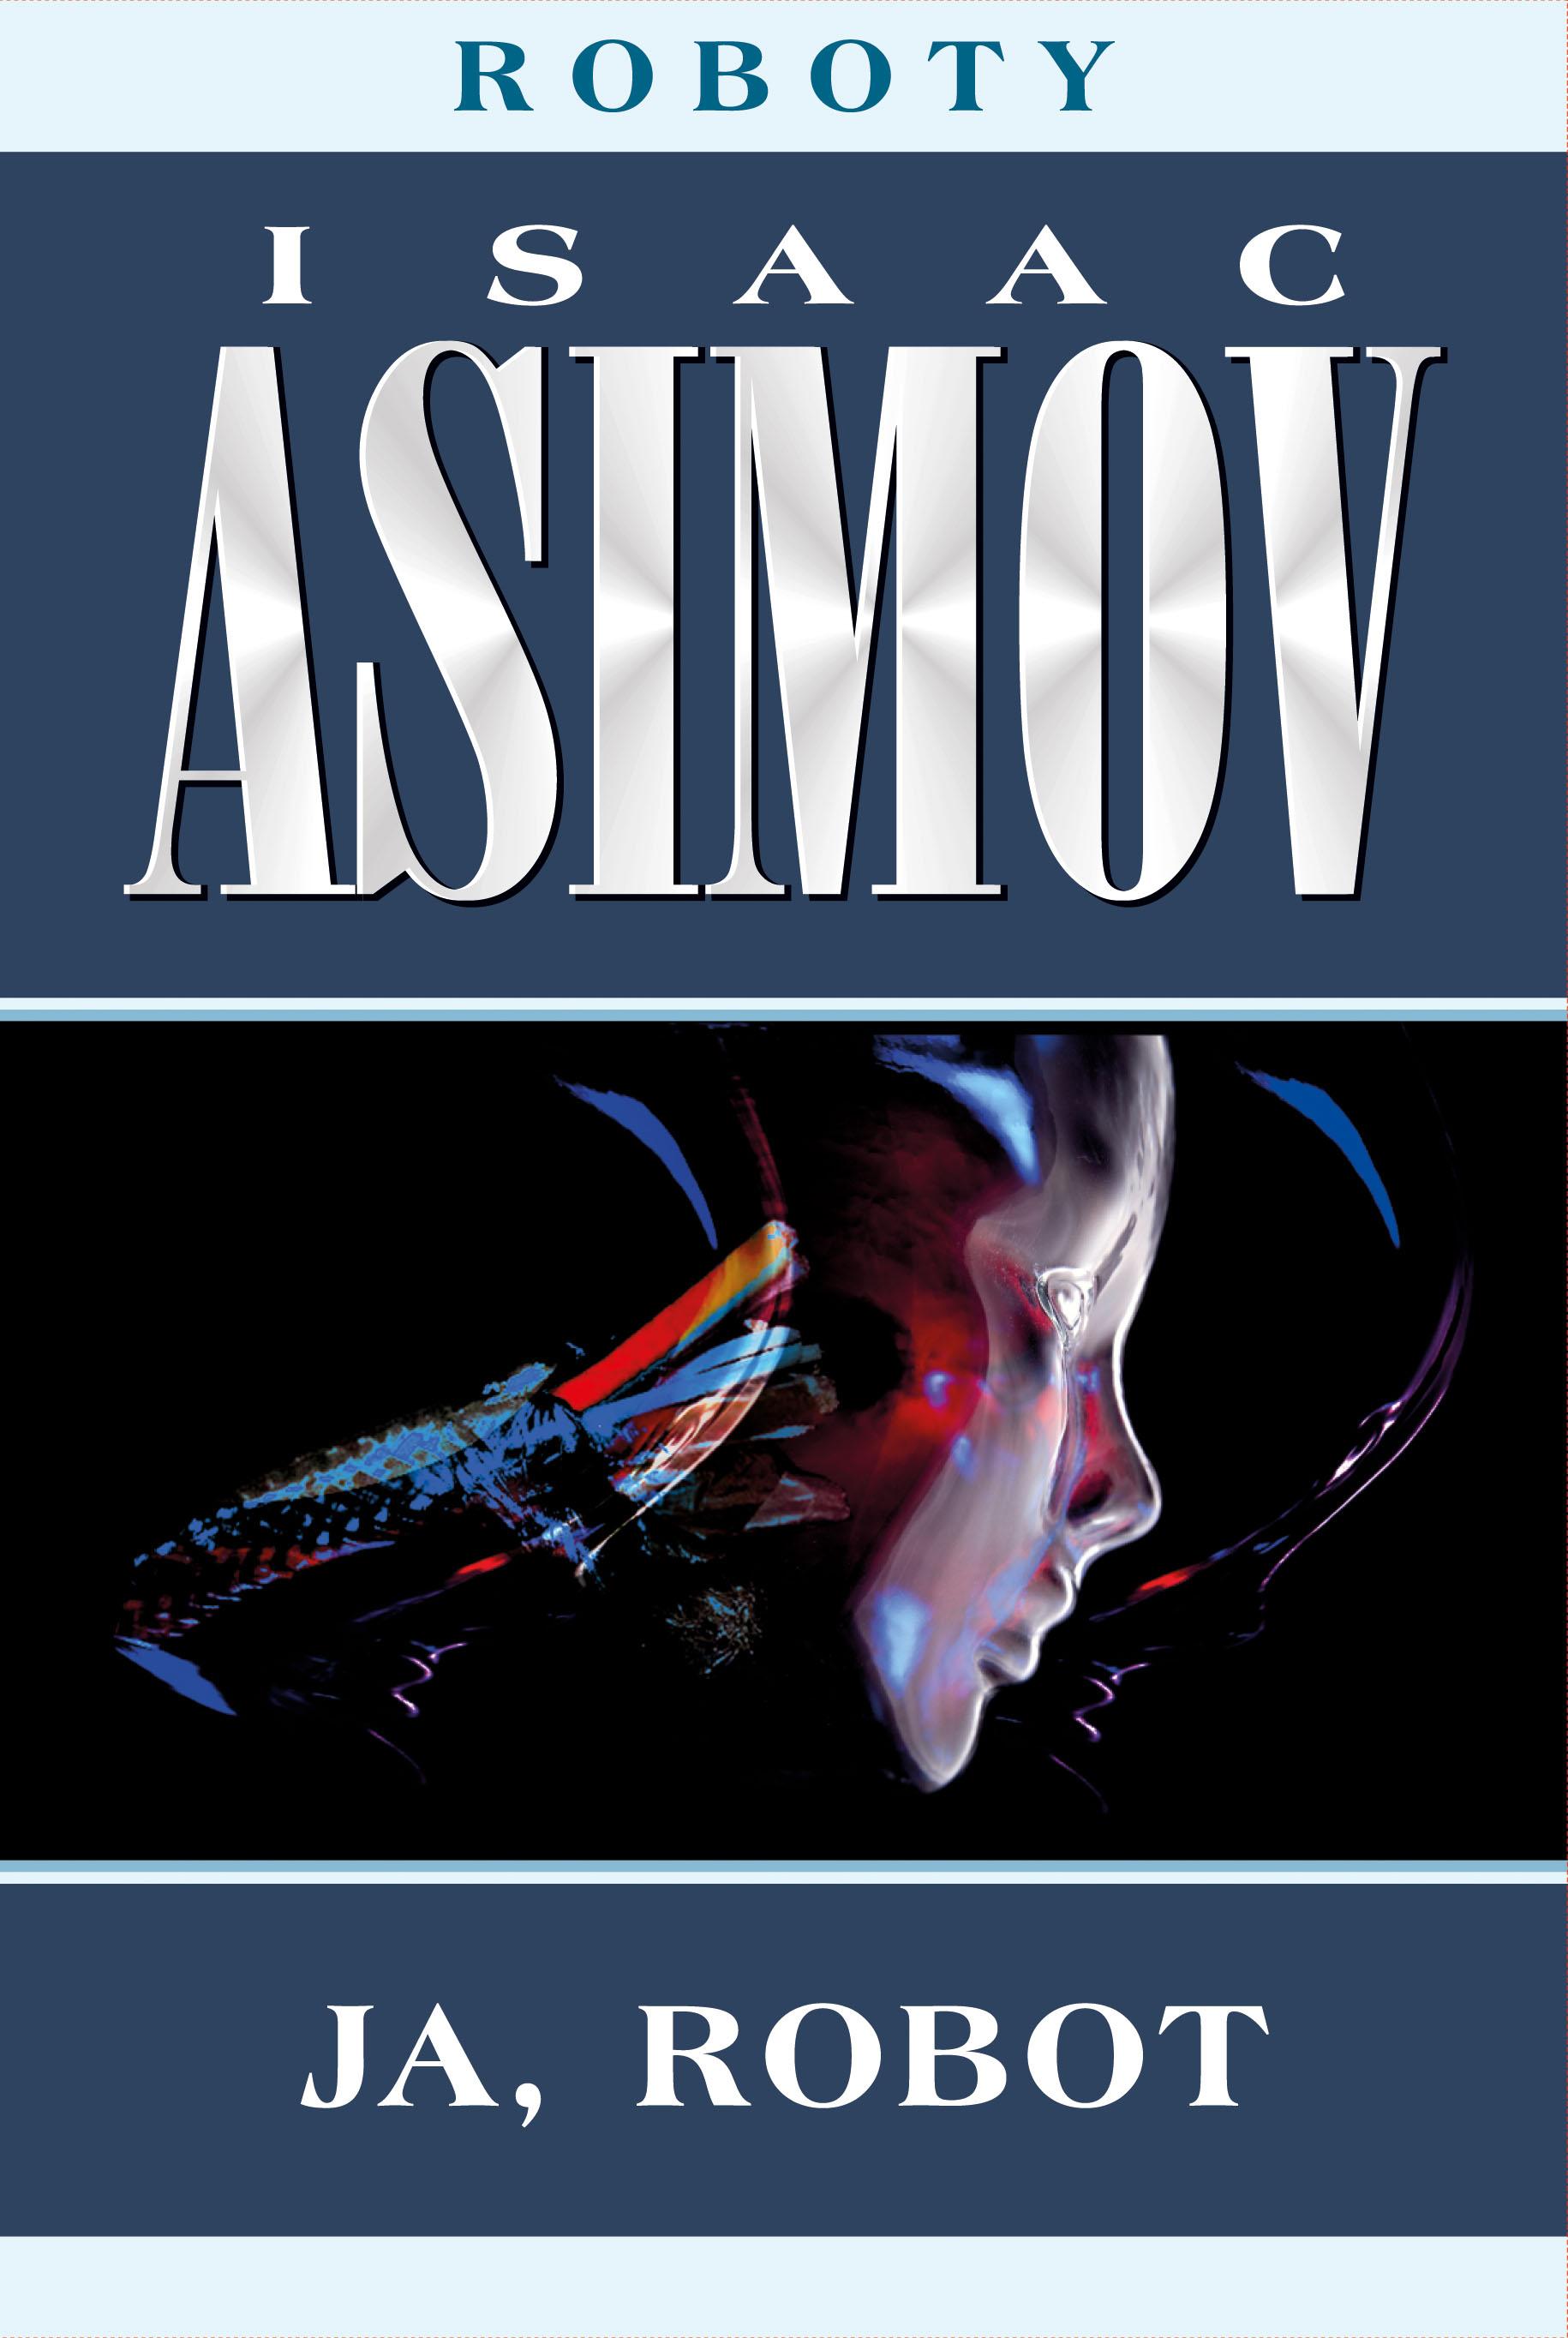 Айзек Азимов Roboty айзек азимов путеводитель по шекспиру английские пьесы